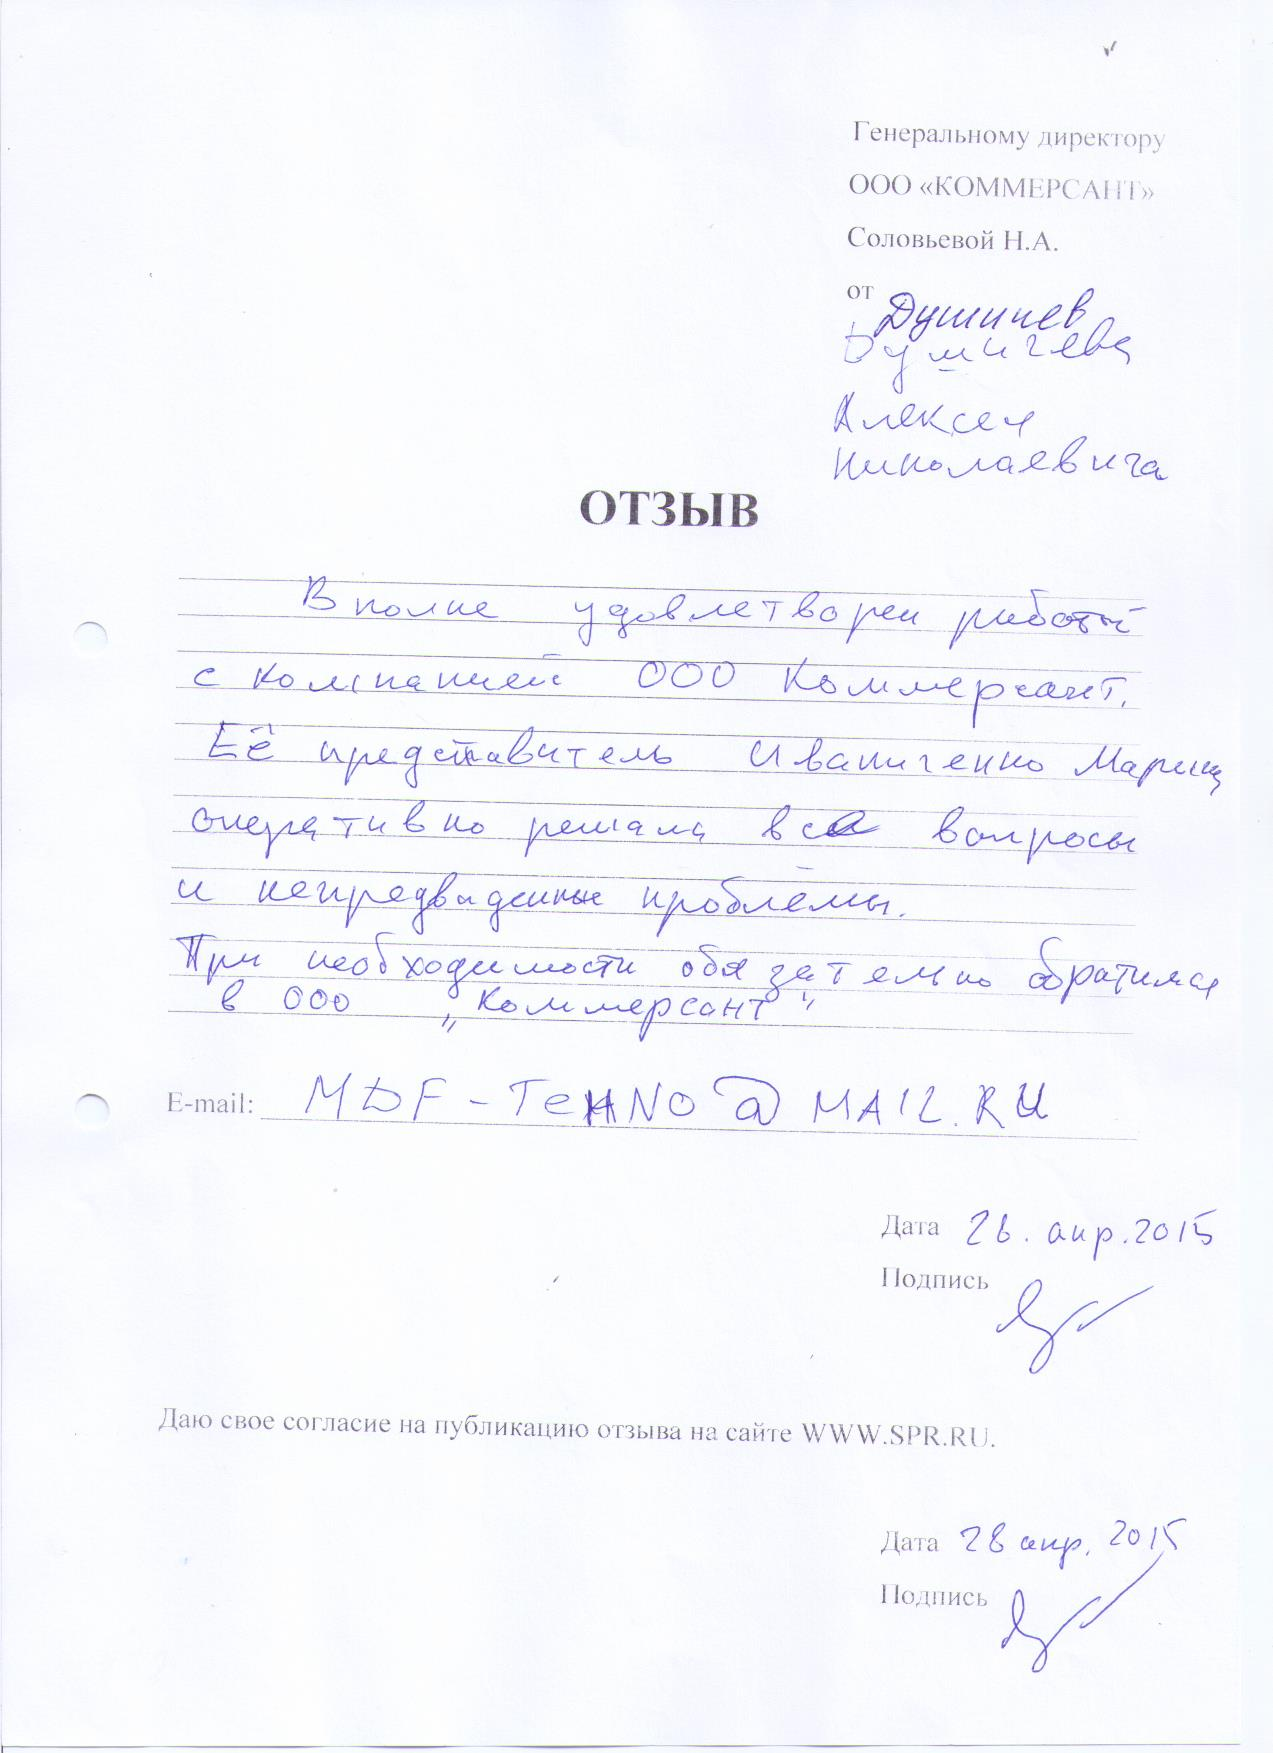 Изменения в учредительные документы 2